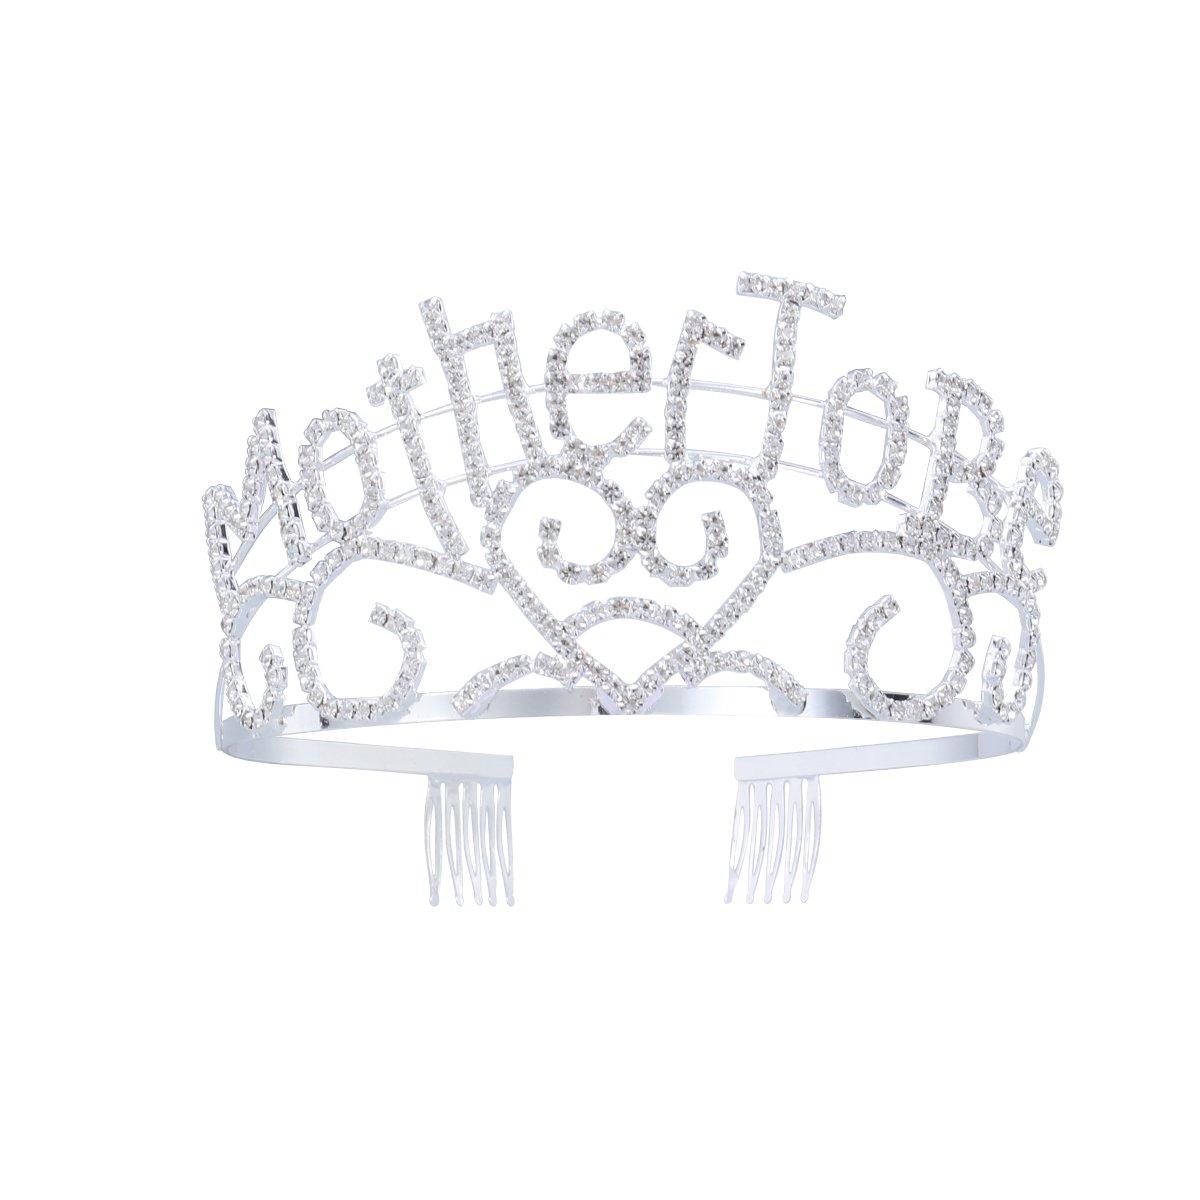 Frcolor Metall Mutter zu Silber Tiara Herzen Krone mit funkelnden Strass für Baby Dusche Zukunft Erwartung Mama Dekorationen Geschenk DA161603TR8145607